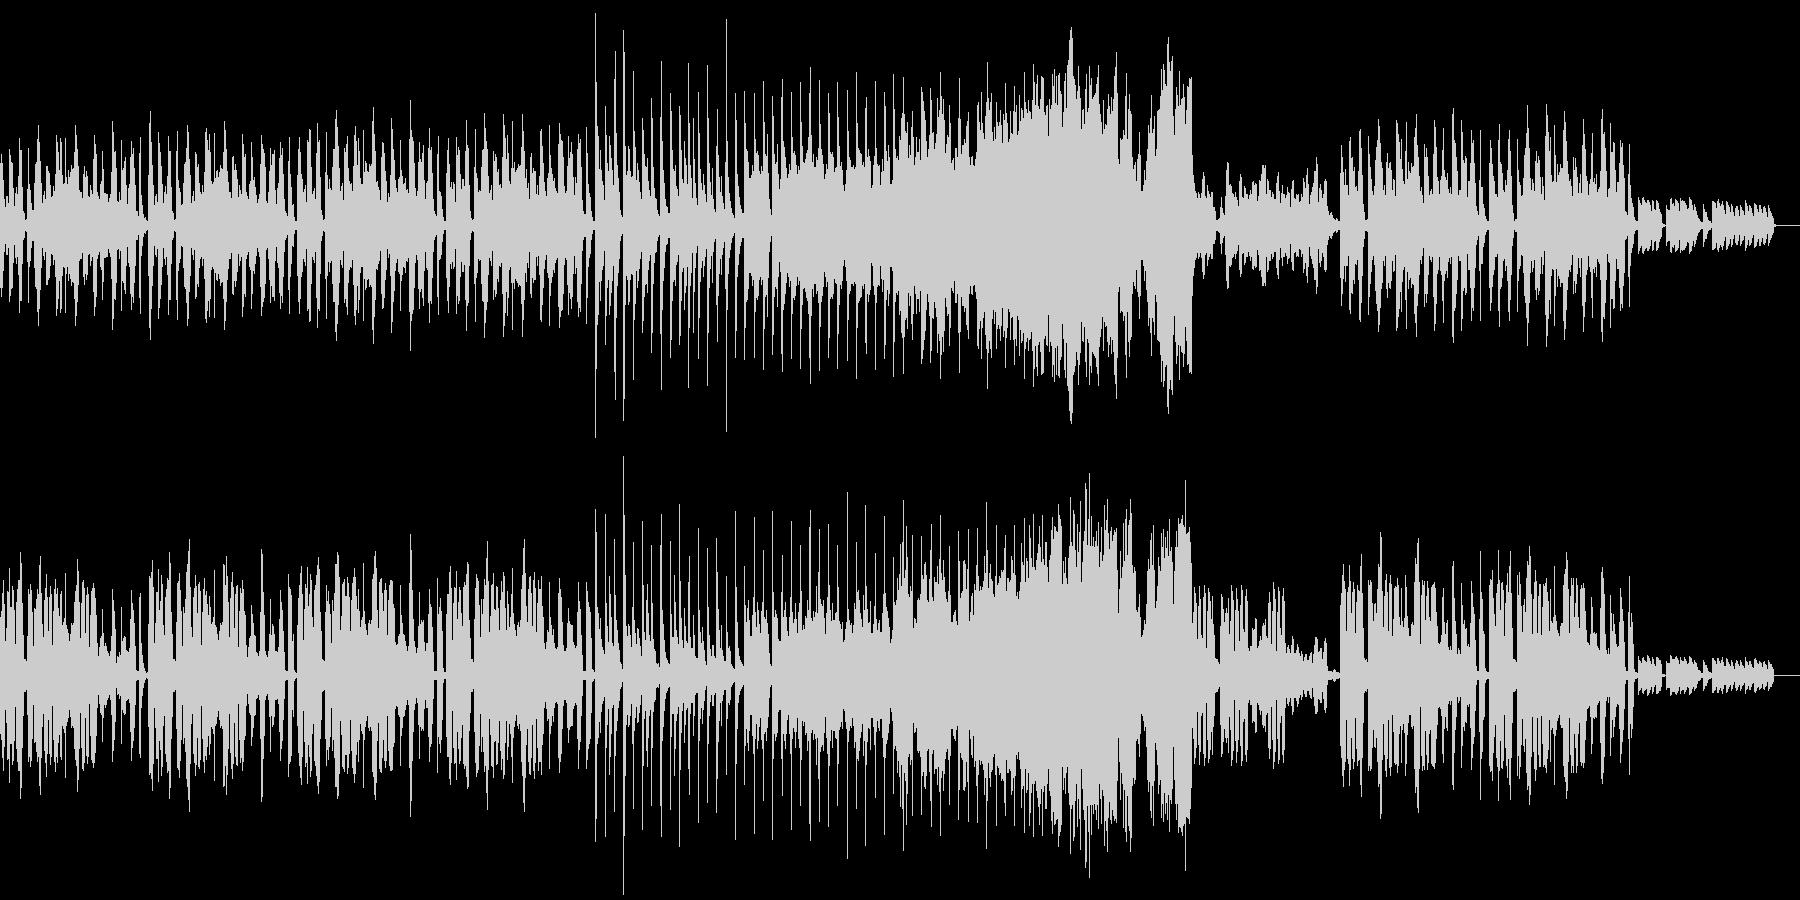 ハロウィン用BGM②少しコミカルな曲の未再生の波形